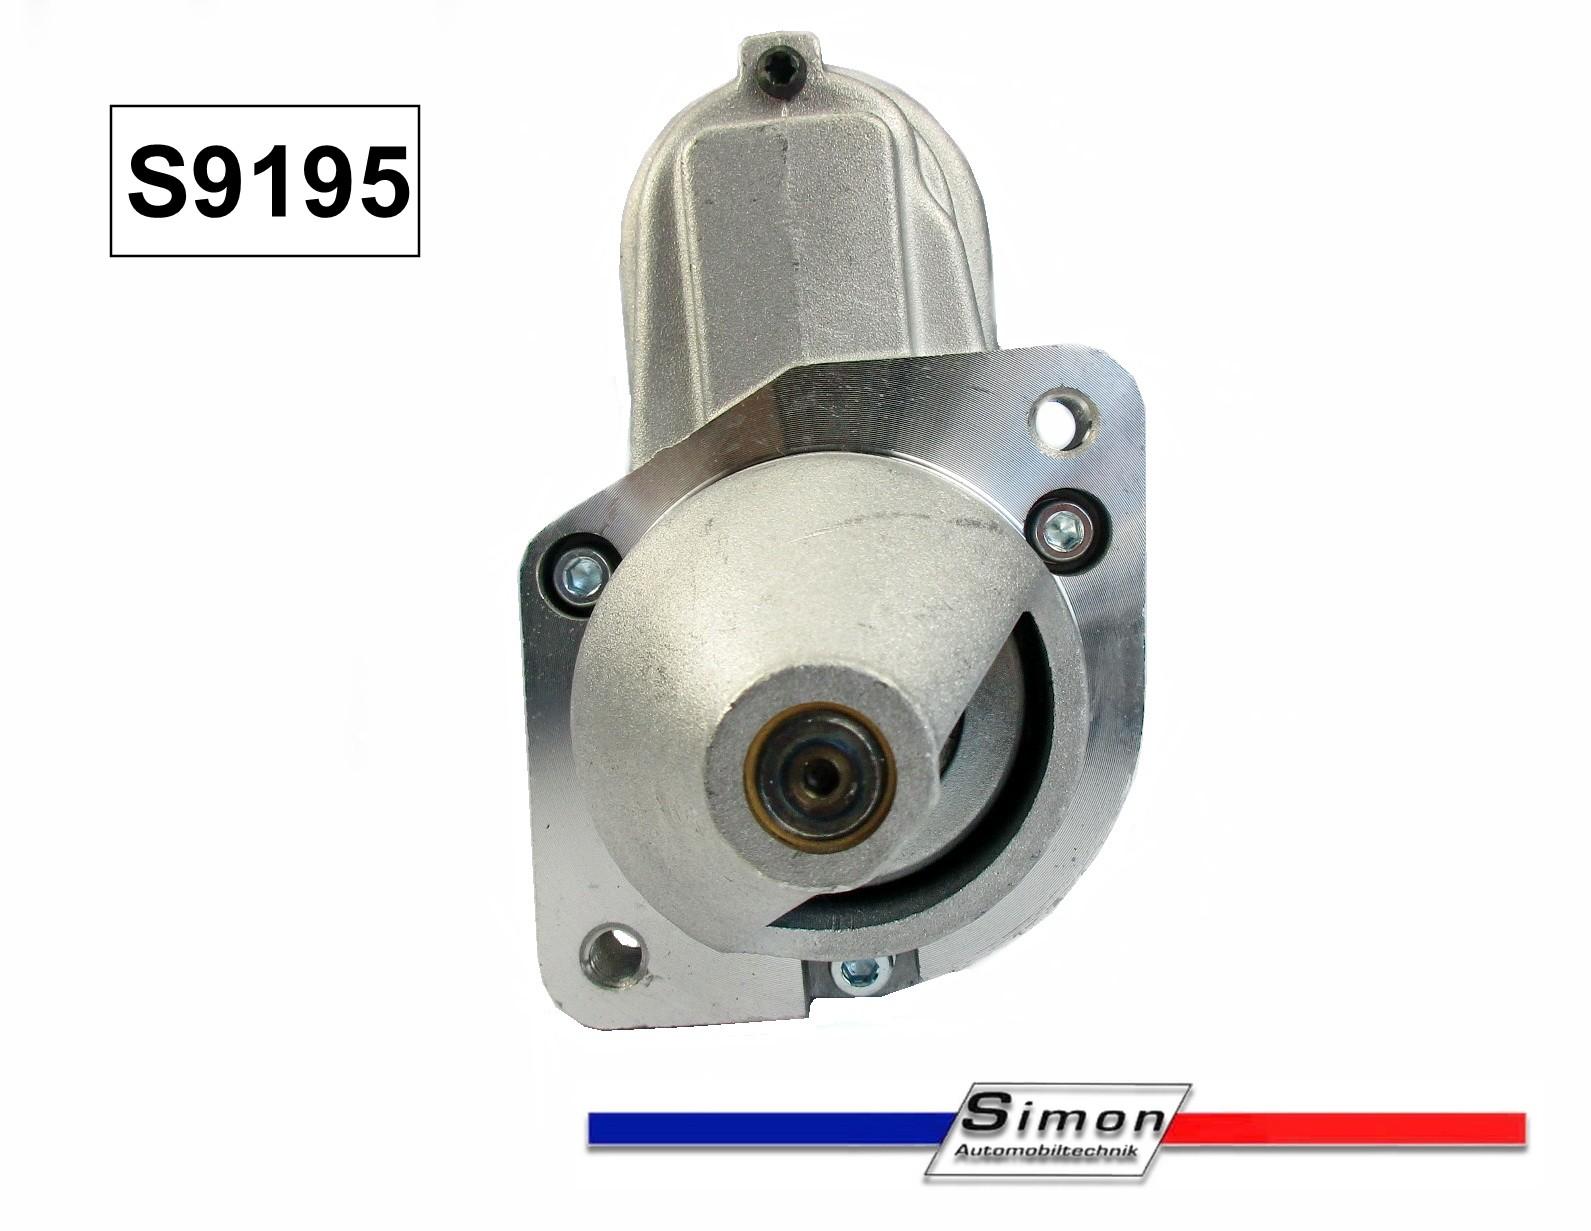 Anlasser für BMW Motorrad R45 R60 R65 R75 R80 R100 Neuteil